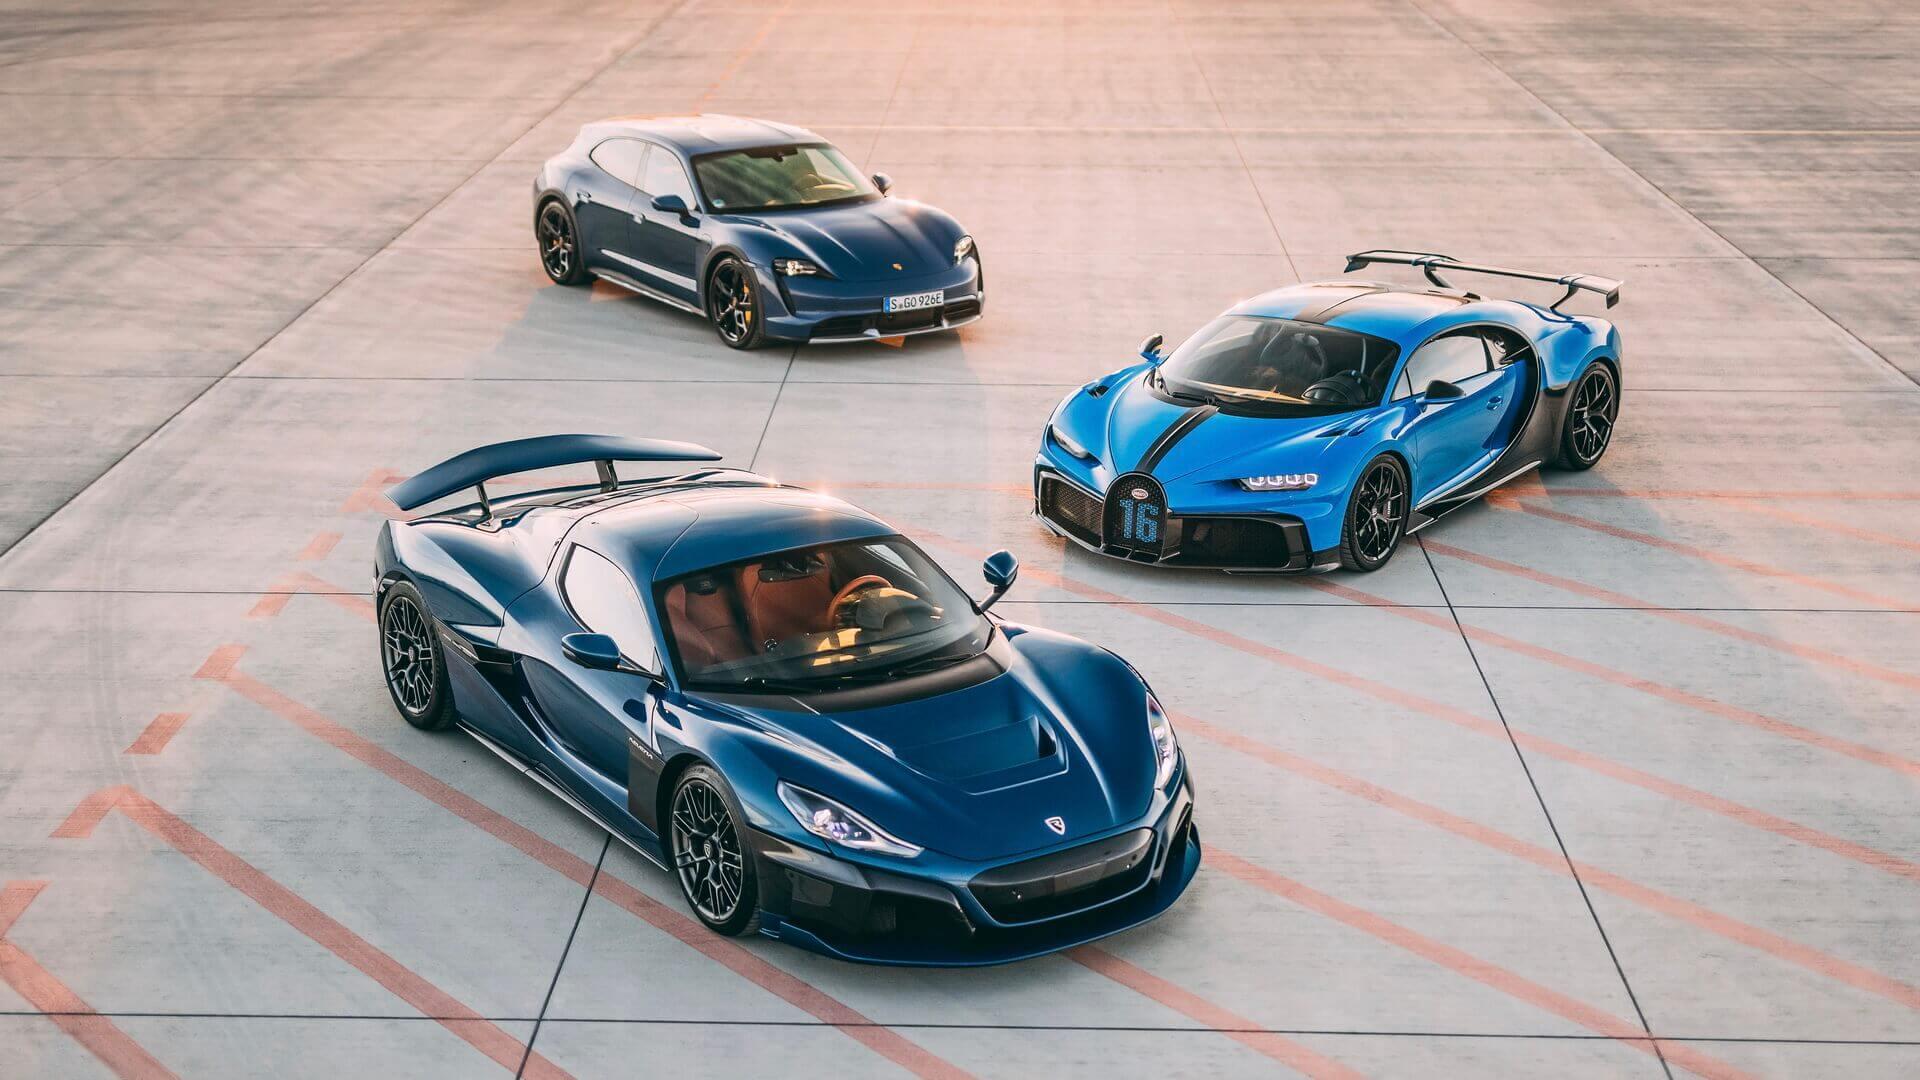 Rimac объединяется с Bugatti для производства гиперкаров